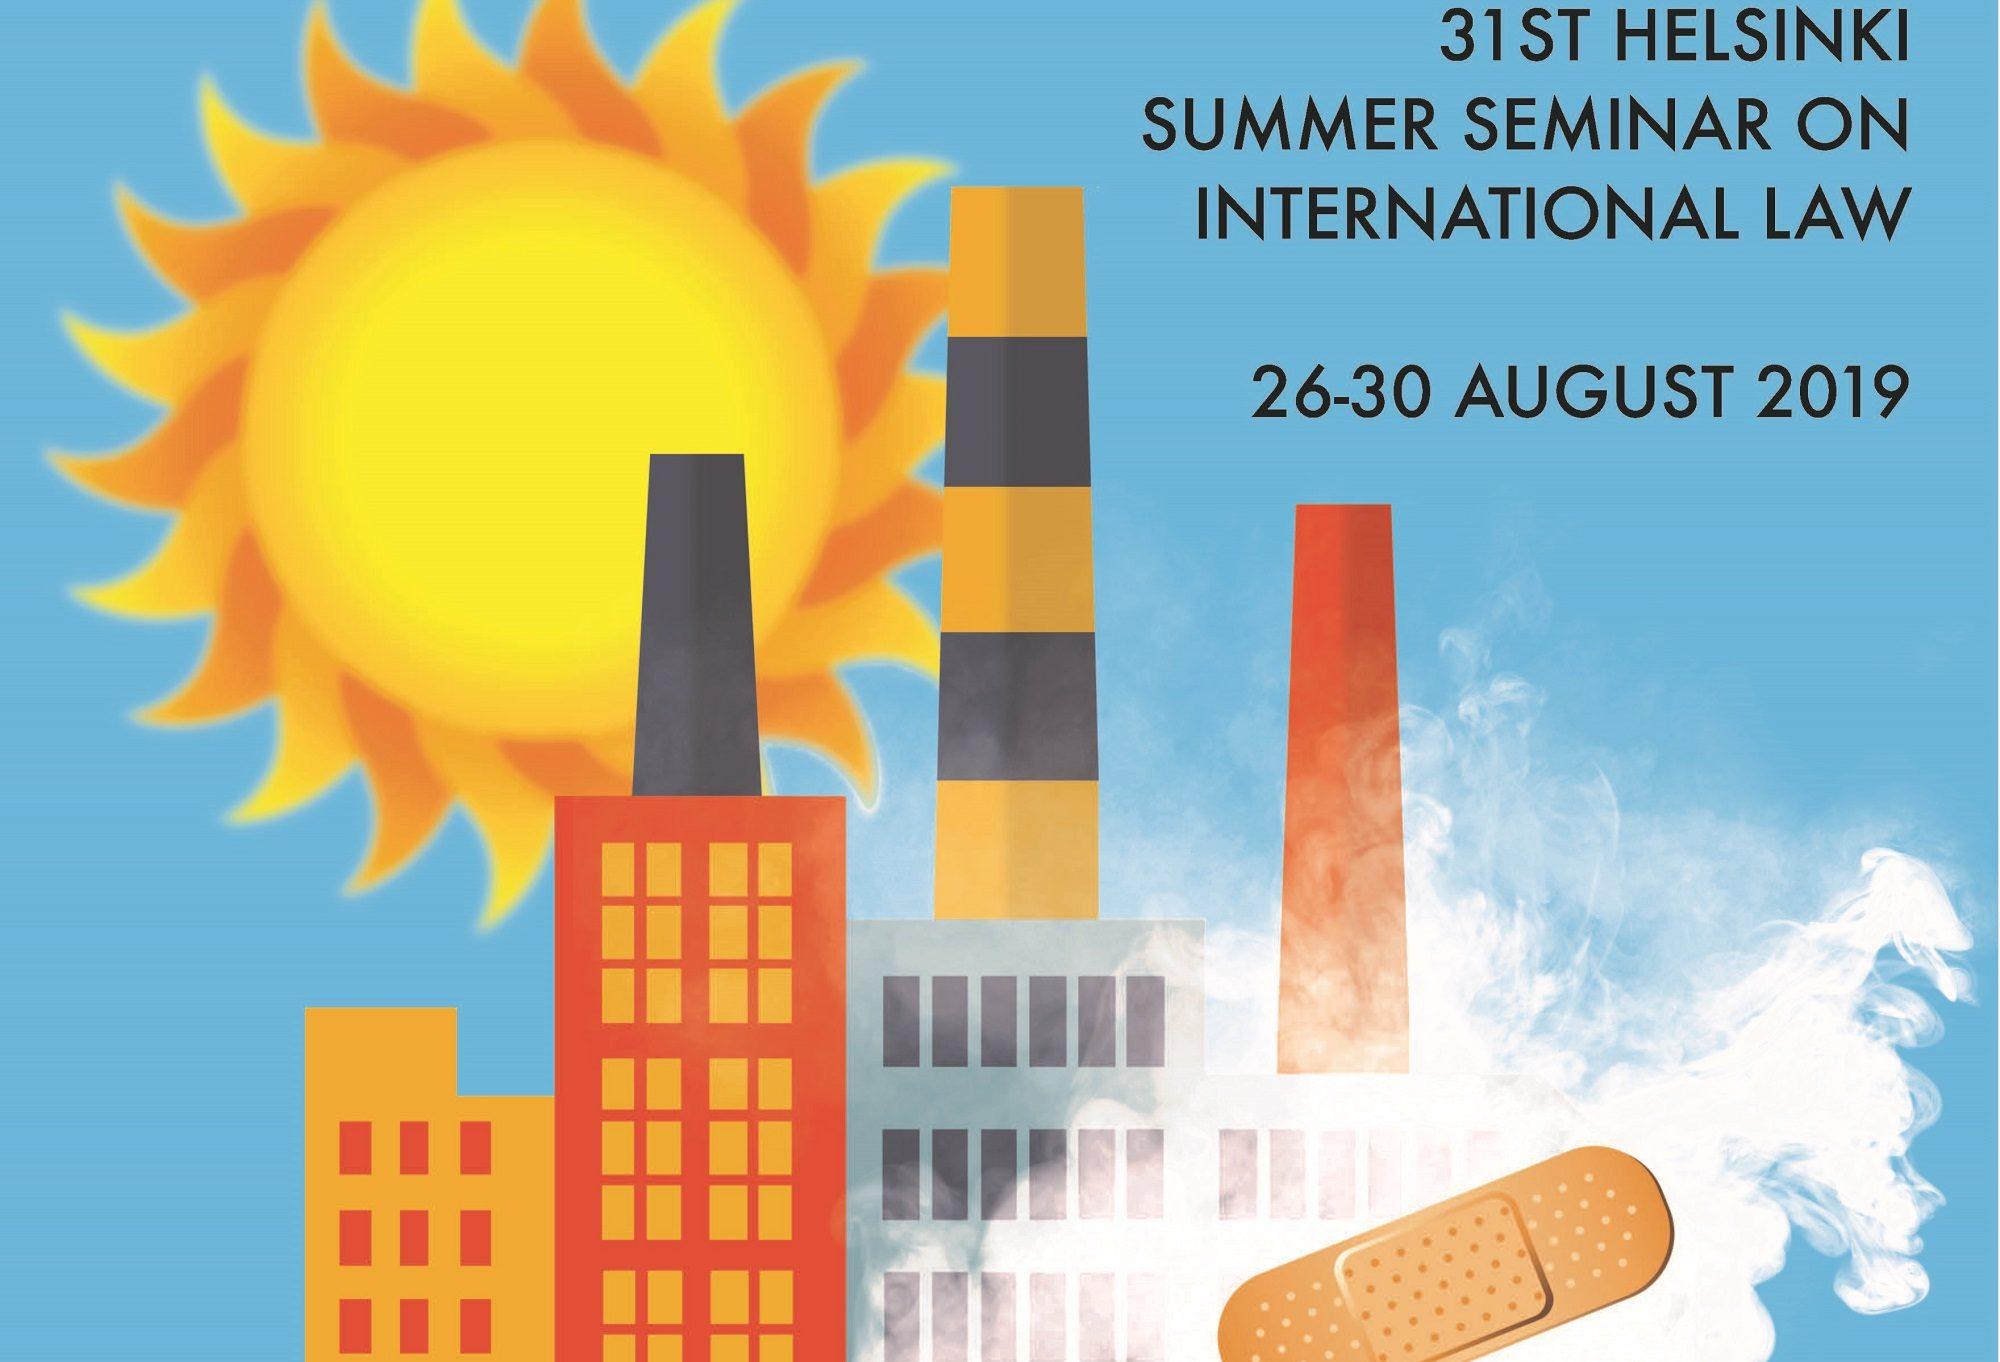 Helsinki Summer Seminar 2019